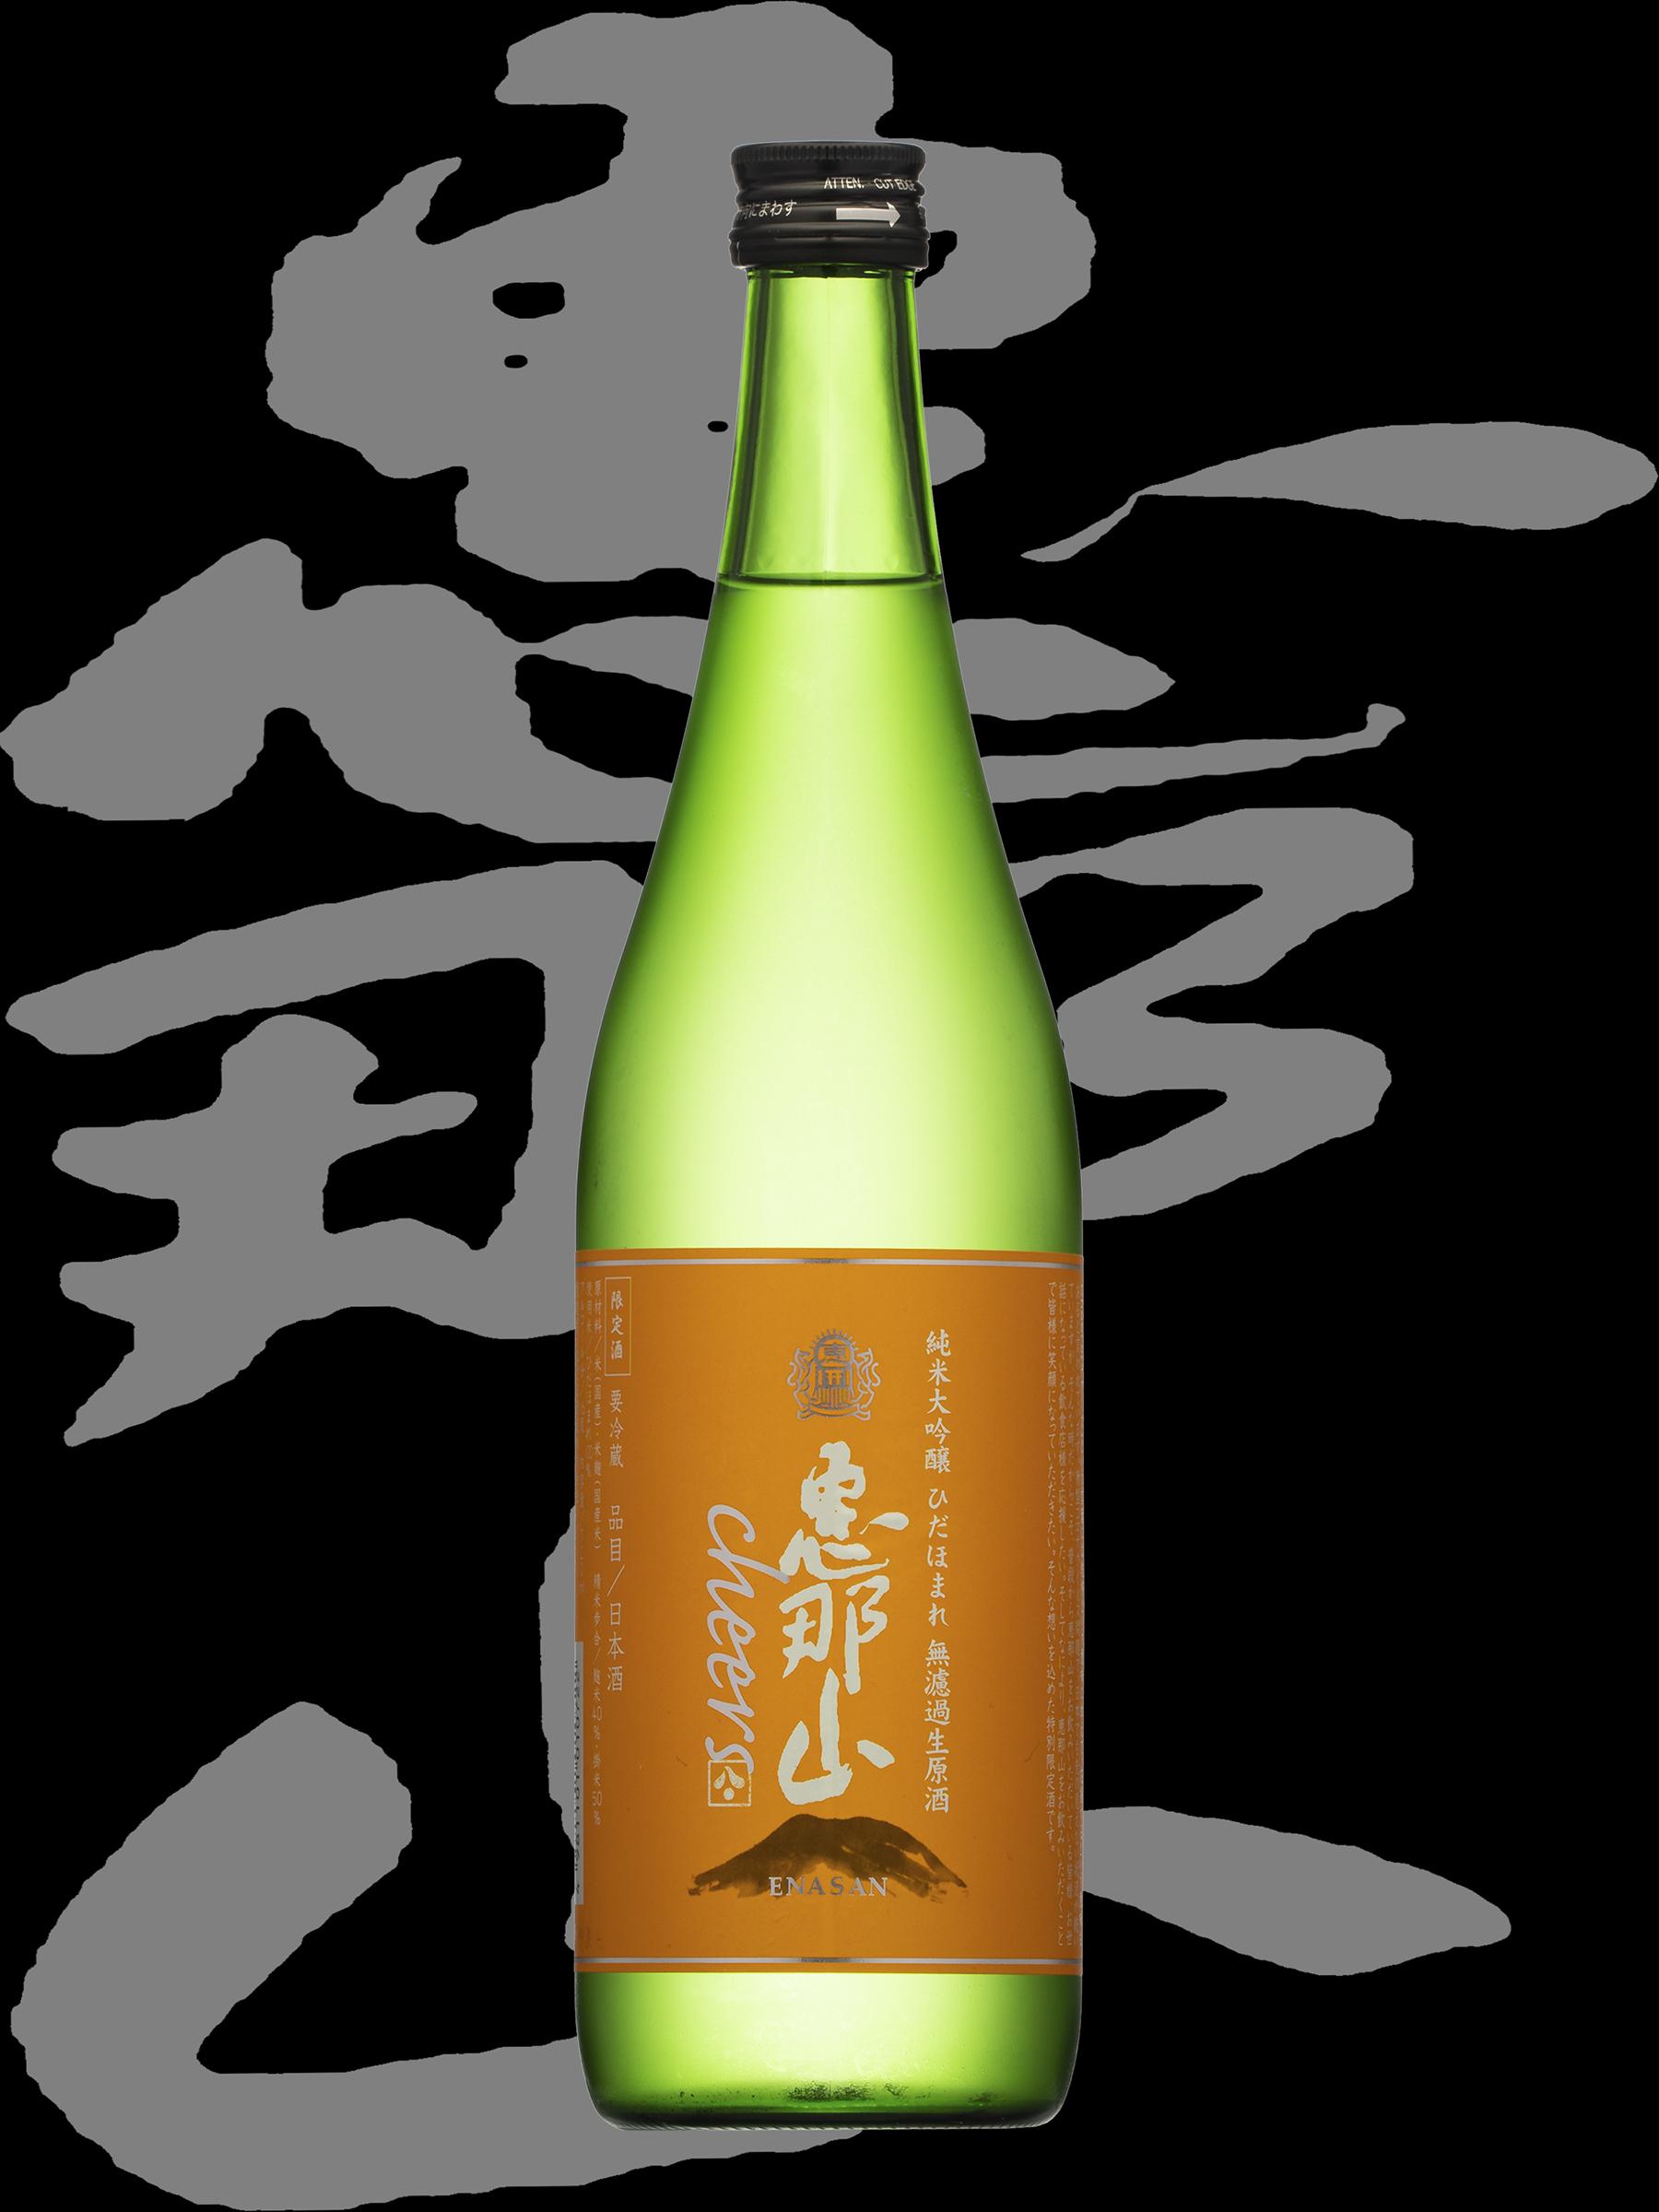 恵那山(えなさん)「純米大吟醸」cheersひだほまれ